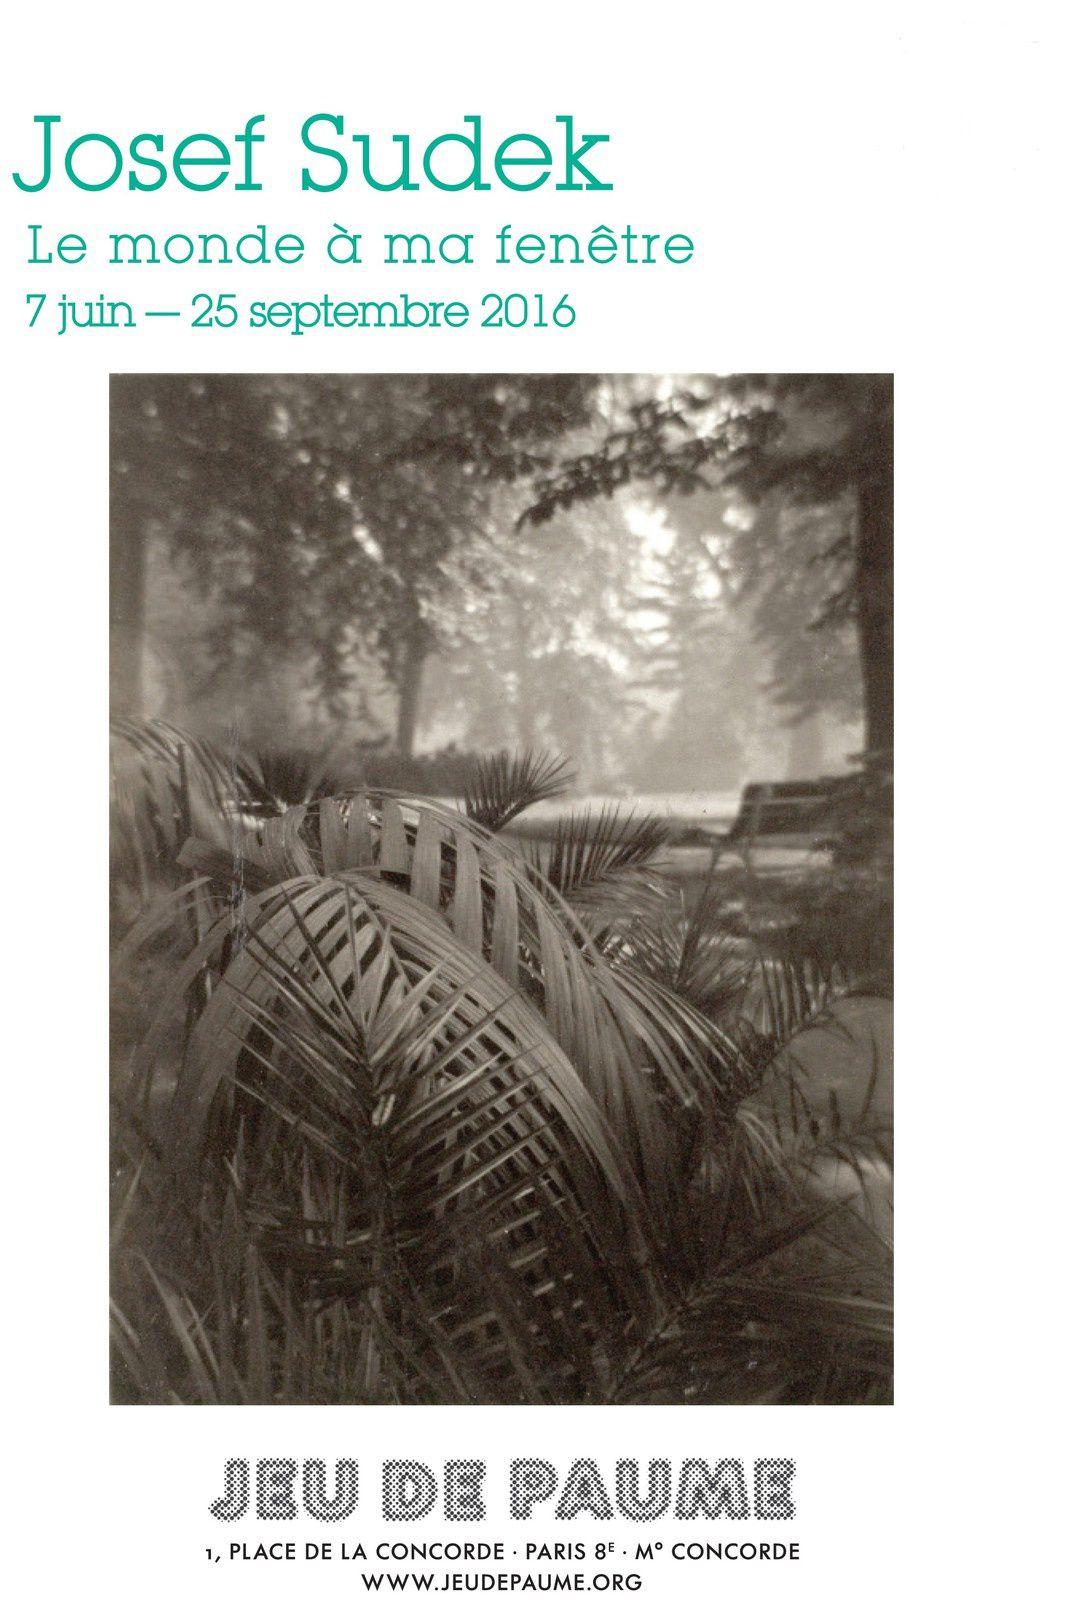 Expo Photographie Contemporaine: Josef SUDEK &quot&#x3B;Le monde à ma fenêtre&quot&#x3B;